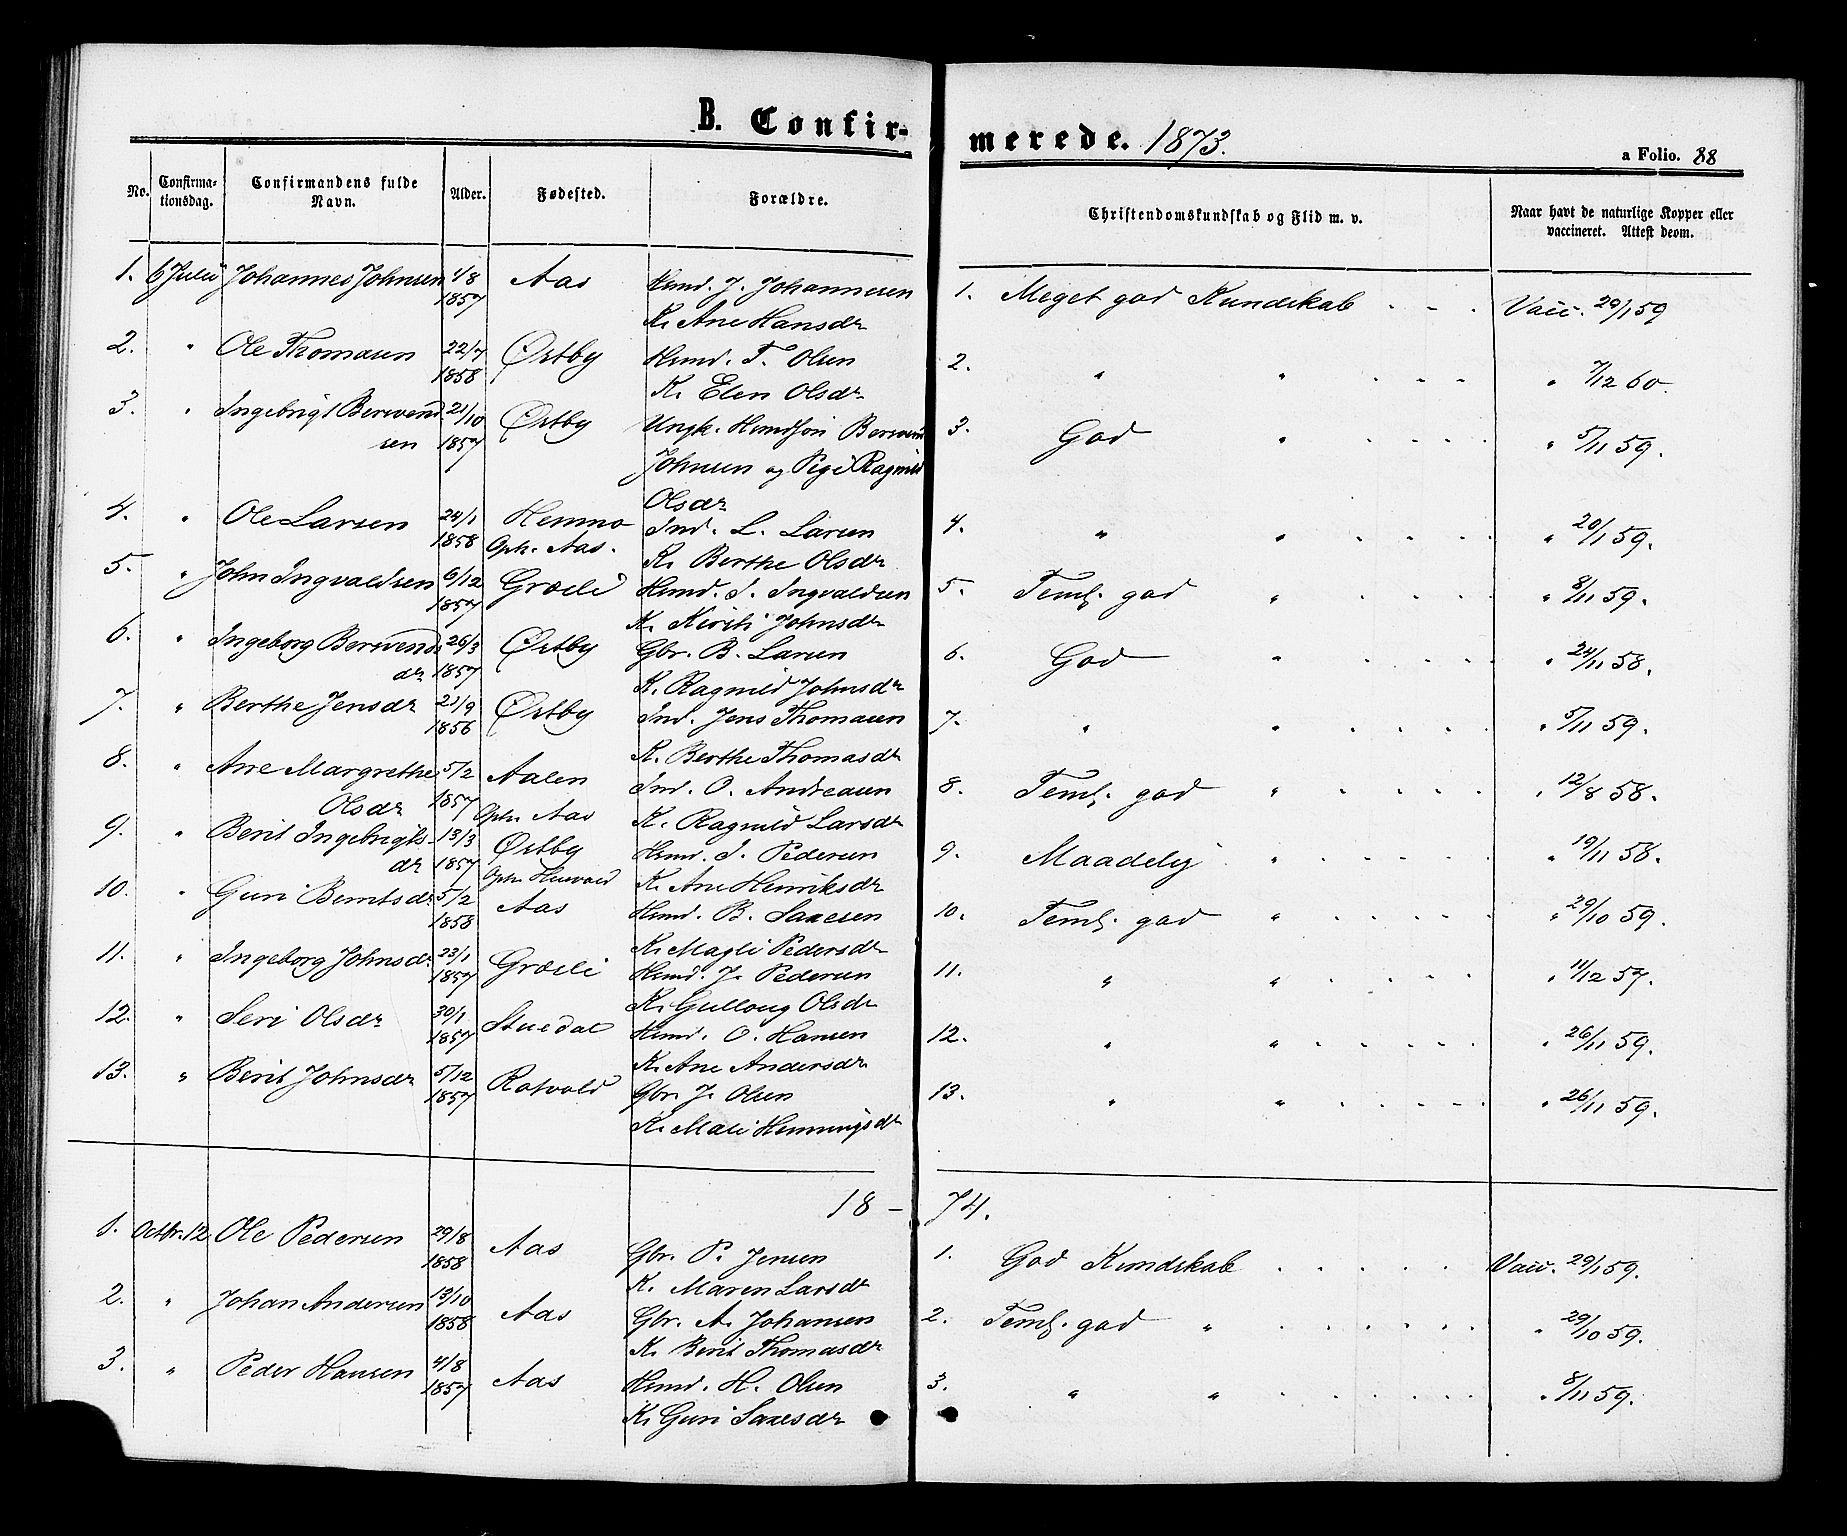 SAT, Ministerialprotokoller, klokkerbøker og fødselsregistre - Sør-Trøndelag, 698/L1163: Ministerialbok nr. 698A01, 1862-1887, s. 88